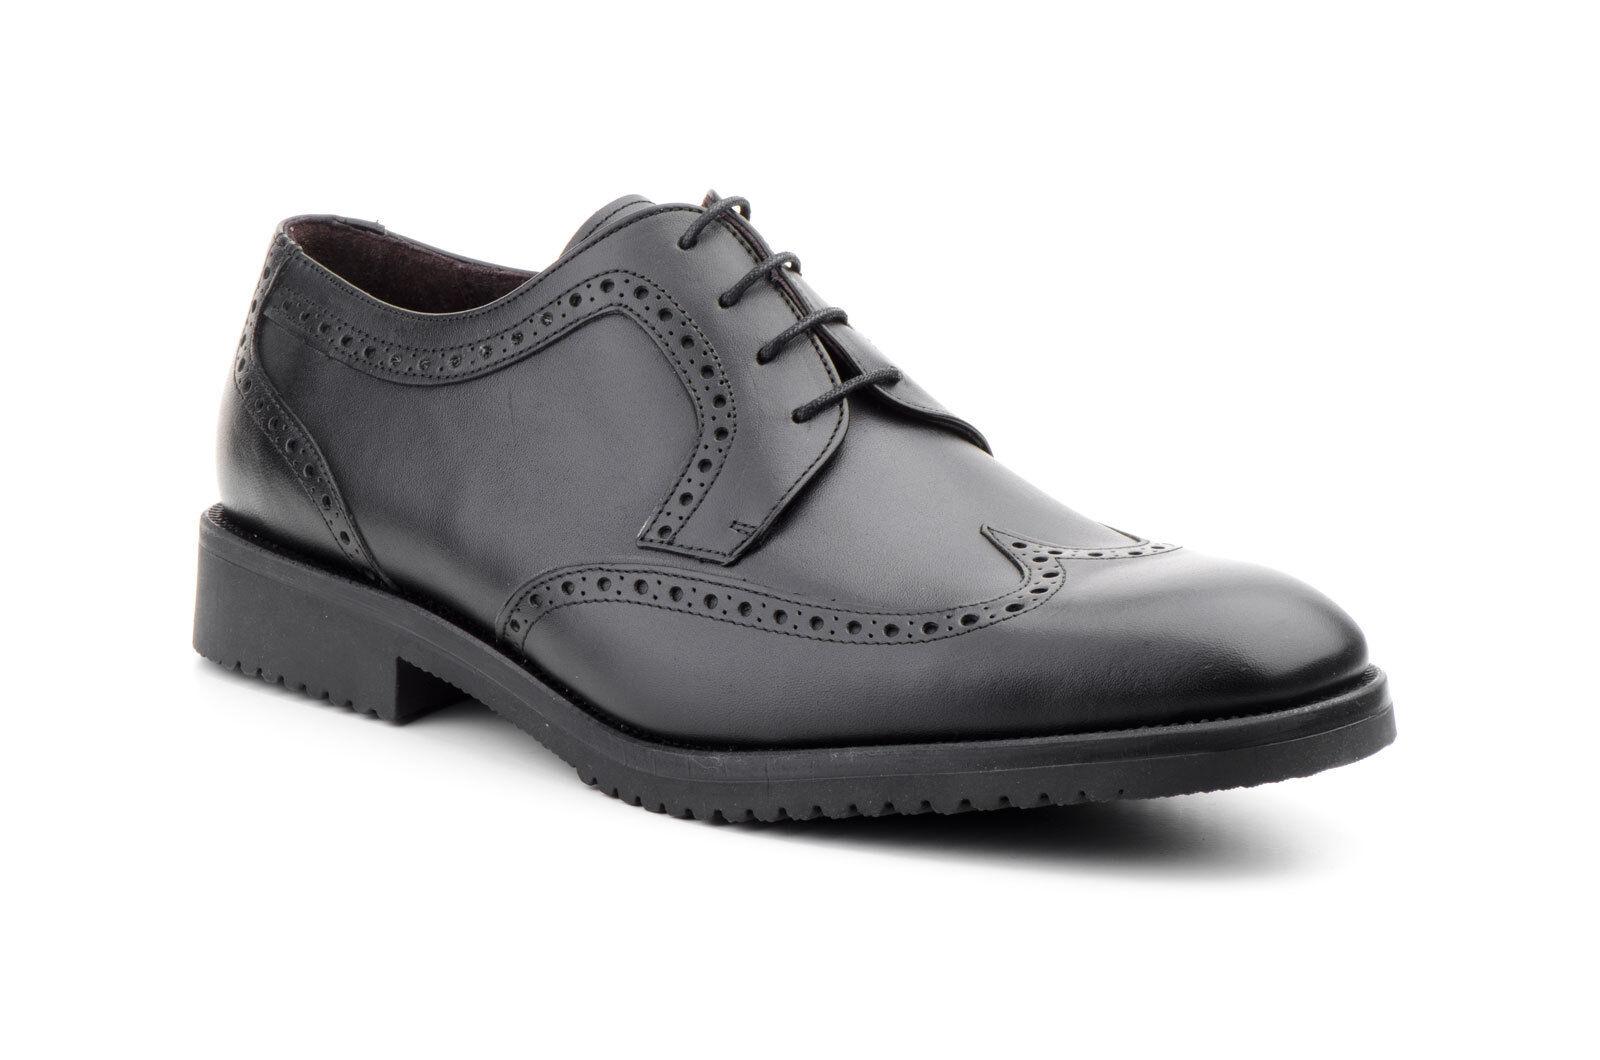 Herren Business Schuhe Budapester Leder CARLO GARELLI Gr 39 40 45 41 42 43 44 45 40 46 443ab4